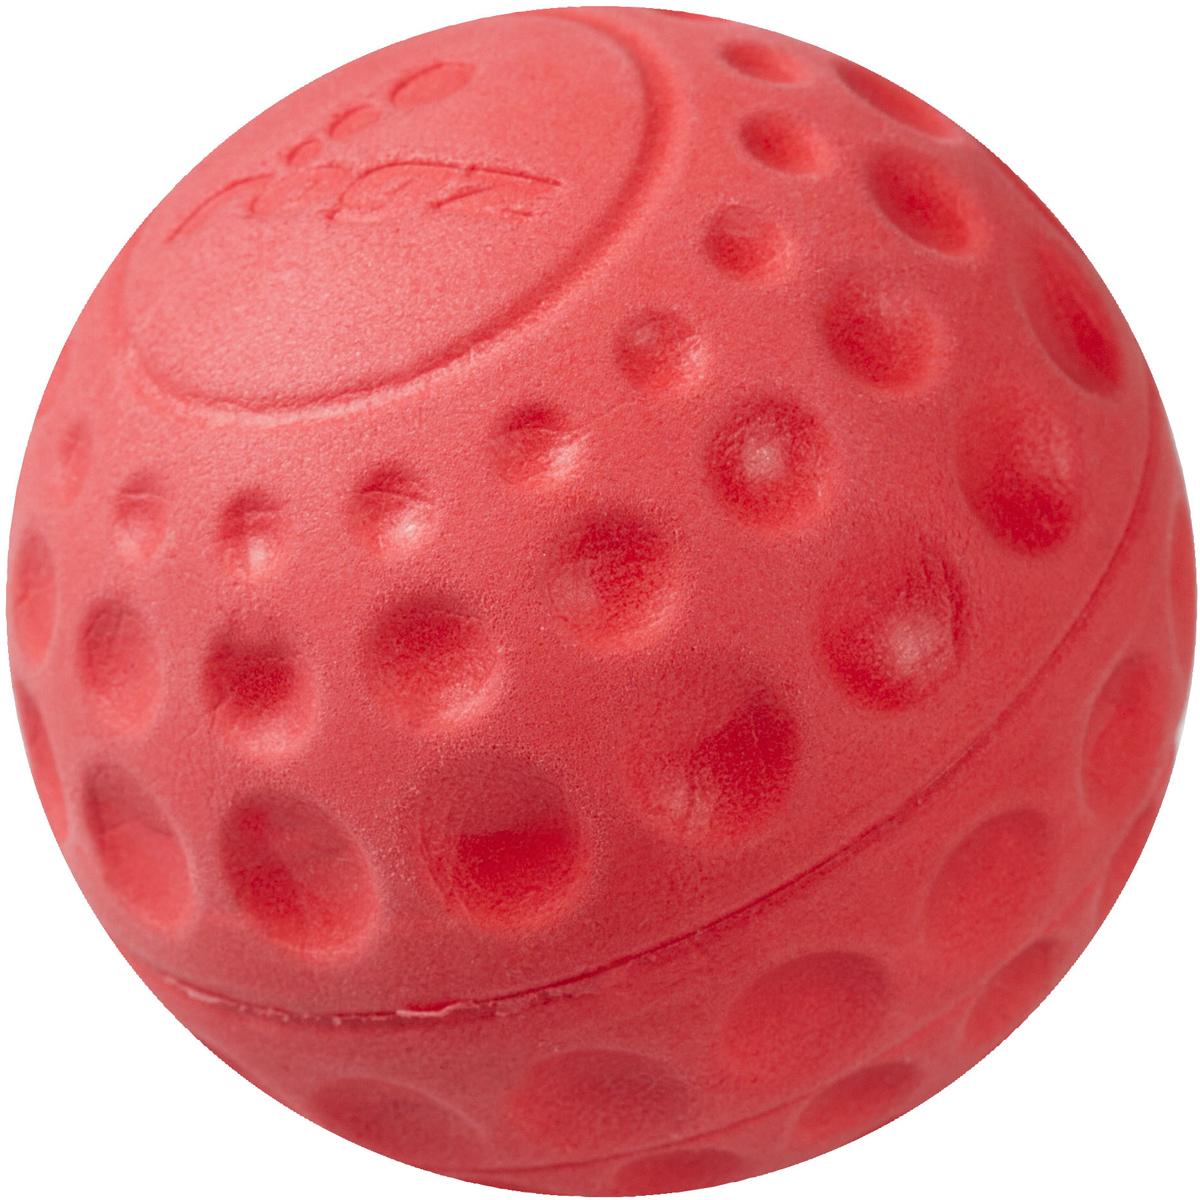 Игрушка для собак Rogz Asteroidz, цвет: красный, диаметр 4,9 см0120710Мяч для собак Rogz Asteroidz предназначен для игры с хозяином Принеси.Мяч имеет небольшой вес, не травмирует десна, не повреждает зубы, удобно носить в пасти.Отличная упругость для подпрыгивания.Изготовлено из особого термоэла-стопласта Sebs, обеспечивающего великолепную плавучесть в воде, поэтому игрушка отлично подходит для игры в водоеме. Материал изделия: EVA (этиленвинилацетат) - легкий мелкопористый материал, похожий на застывшую пену.Не токсичен.